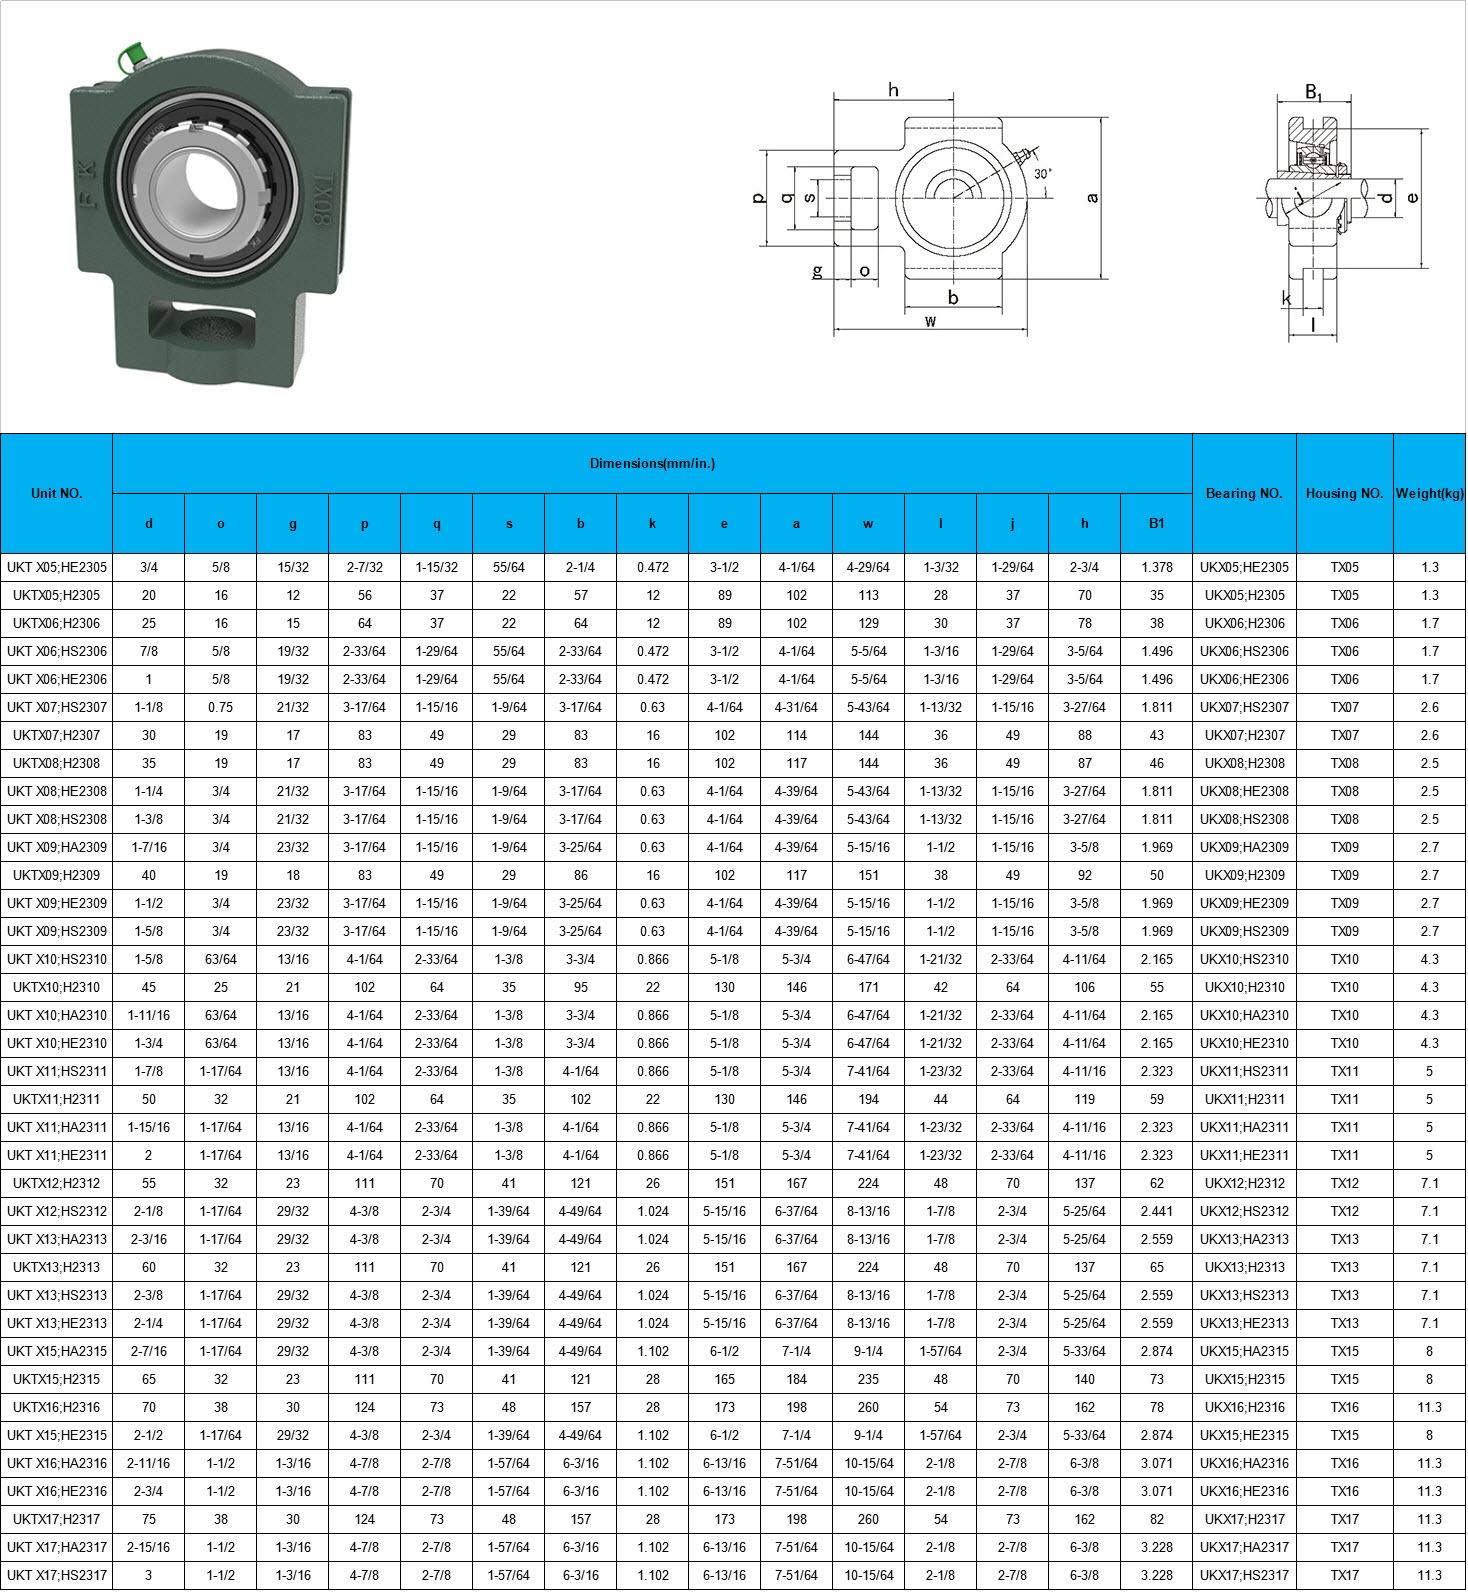 UKT X05 | HE2305 | UKTX05 | H2305 | UKTX06 | H2306 | UKT X06 | HS2306 | UKT X06 | HE2306 | UKT X07 | HS2307 | UKTX07 | H2307 | UKTX08 | H2308 | UKT X08 | HE2308 | UKT X08 | HS2308 | UKT X09 | HA2309 | UKTX09 | H2309 | UKT X09 | HE2309 | UKT X09 | HS2309 | UKT X10 | HS2310 | UKTX10 | H2310 | UKT X10 | HA2310 | UKT X10 | HE2310 | UKT X11 | HS2311 | UKTX11 | H2311 | UKT X11 | HA2311 | UKT X11 | HE2311 | UKTX12 | H2312 | UKT X12 | HS2312 | UKT X13 | HA2313 | UKTX13 | H2313 | UKT X13 | HS2313 | UKT X13 | HE2313 | UKT X15 | HA2315 | UKTX15 | H2315 | UKTX16 | H2316 | UKT X15 | HE2315 | UKT X16 | HA2316 | UKT X16 | HE2316 | UKTX17 | H2317 | UKT X17 | HA2317 | UKT X17 | HS2317